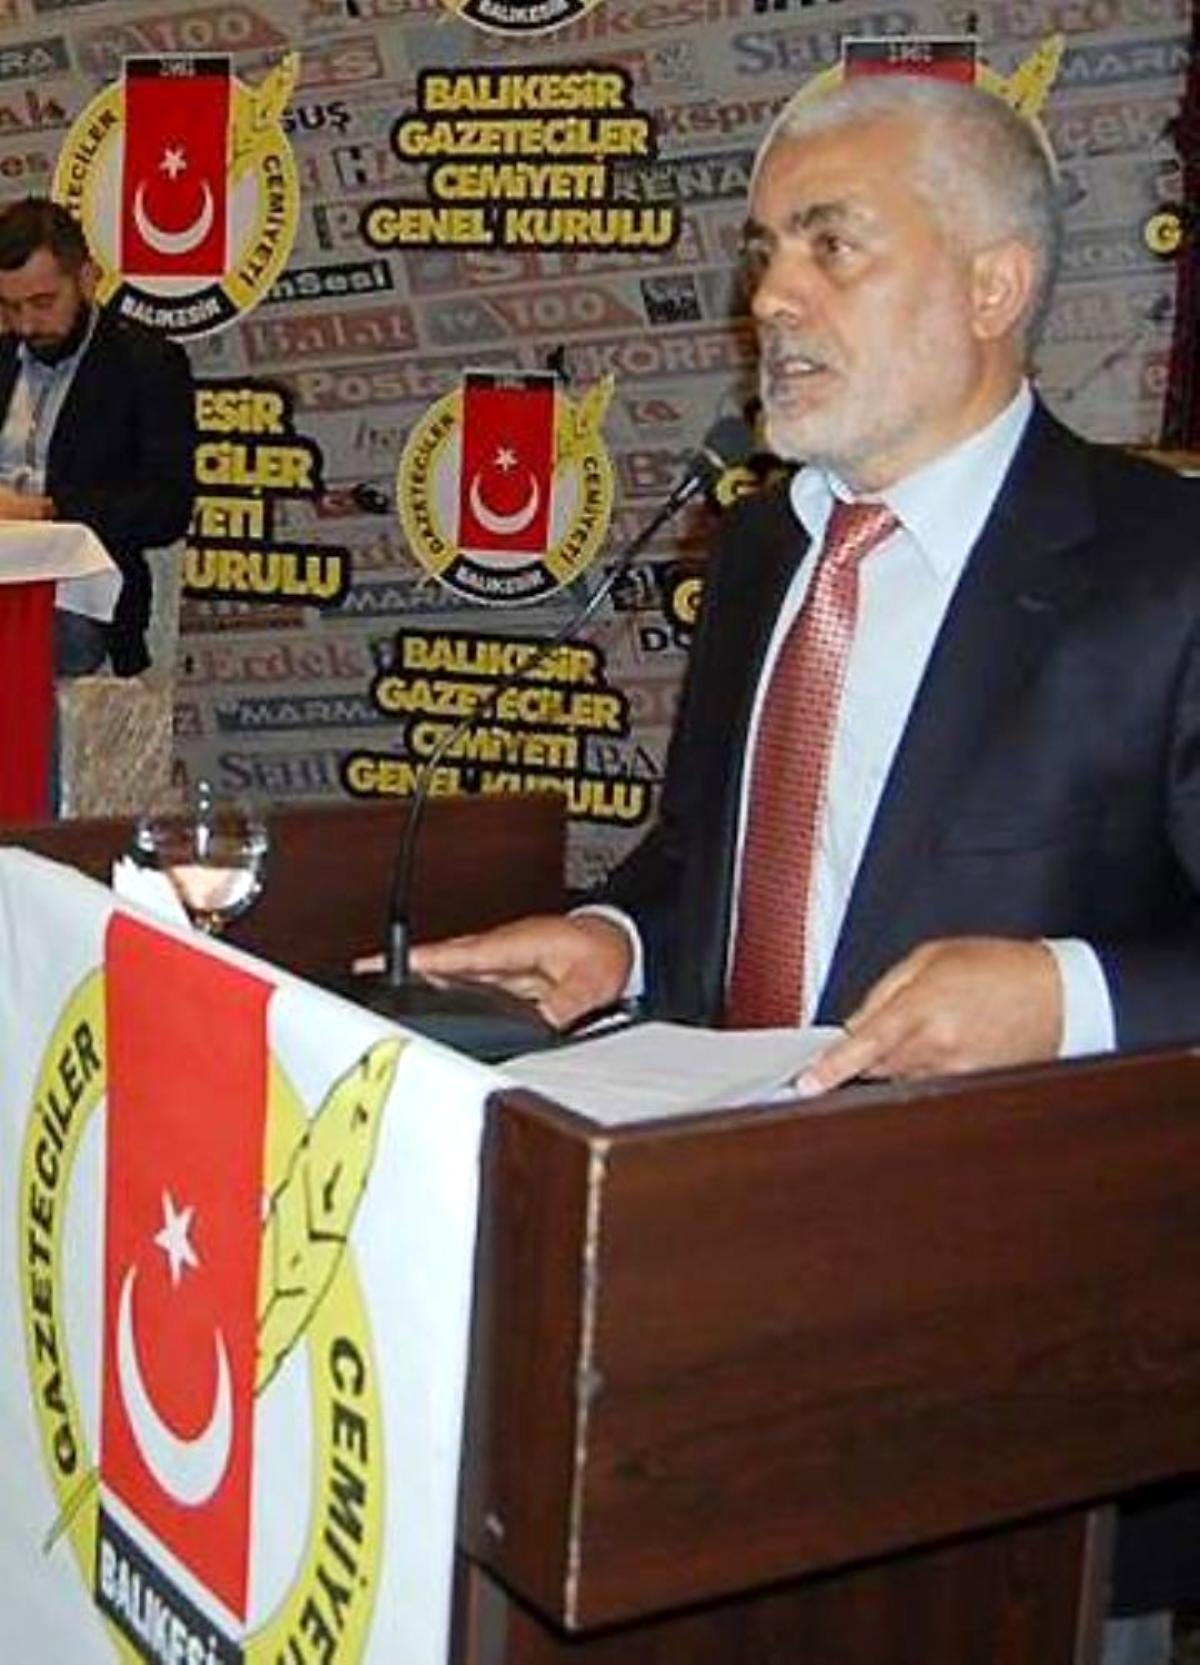 Balıkesir Gazeteciler Cemiyeti 59 yaşında